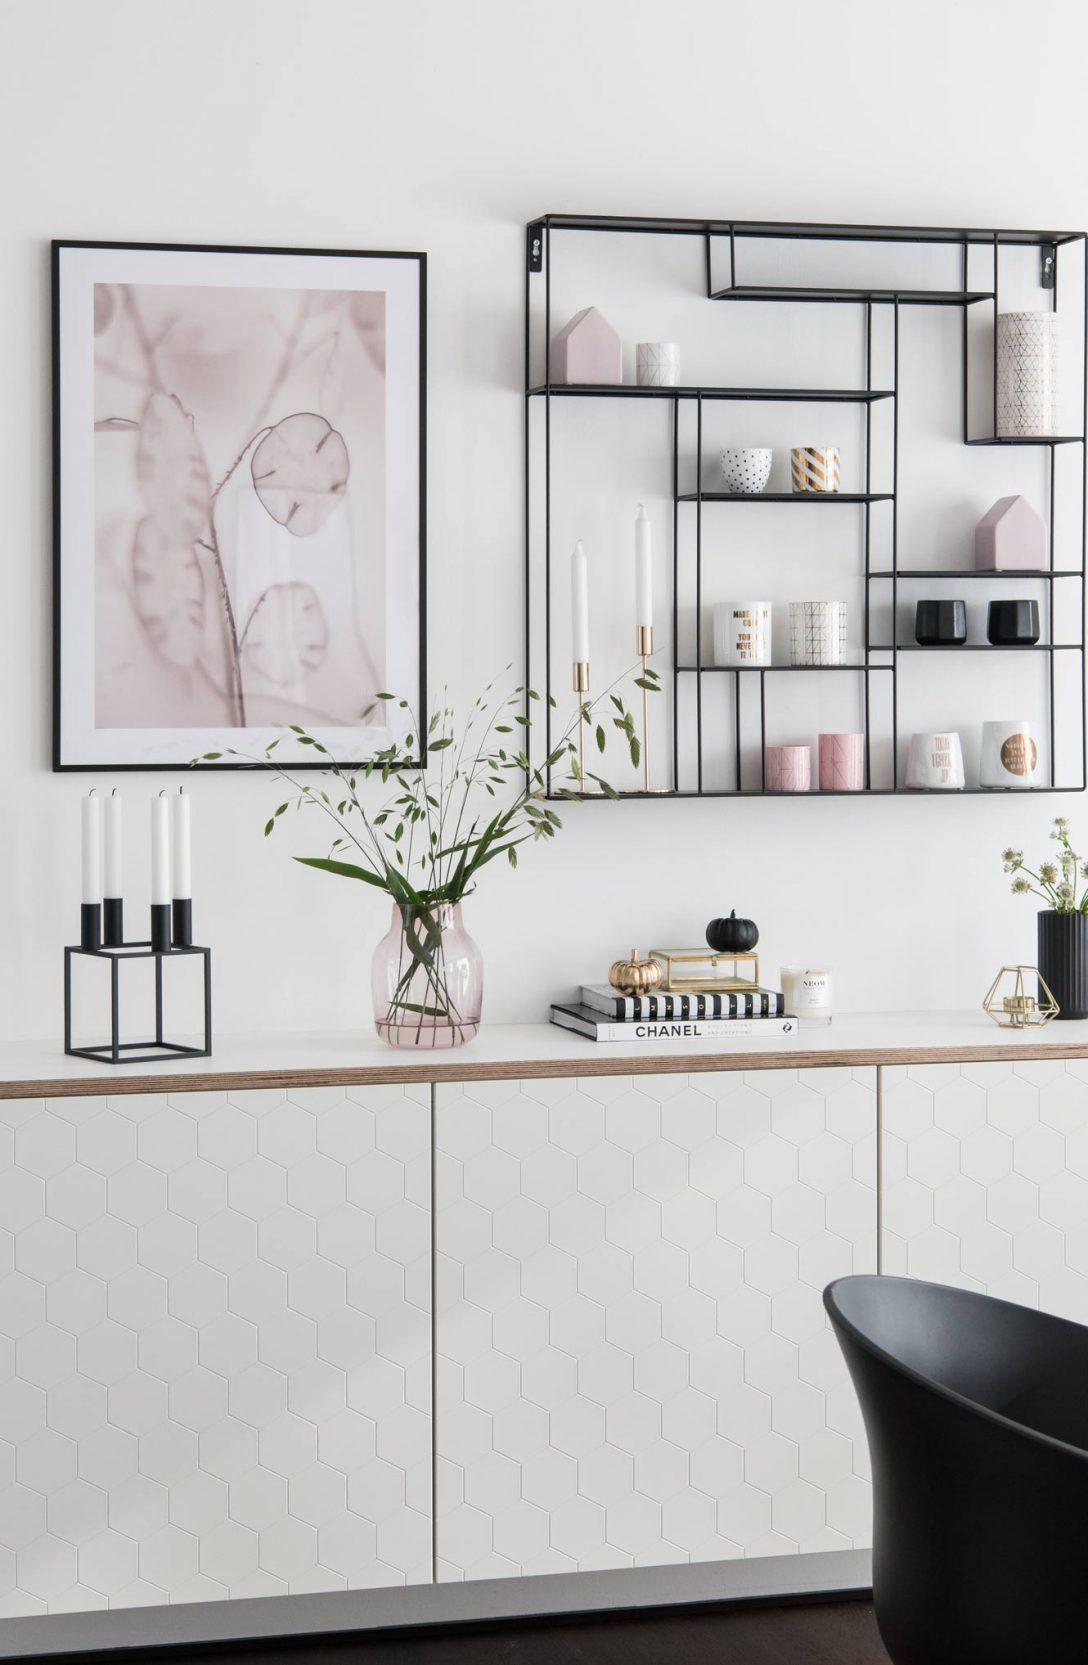 Large Size of Ikea Sideboard Küche Mit Arbeitsplatte Sofa Schlaffunktion Modulküche Kosten Betten Bei Kaufen Miniküche Wohnzimmer 160x200 Wohnzimmer Ikea Sideboard